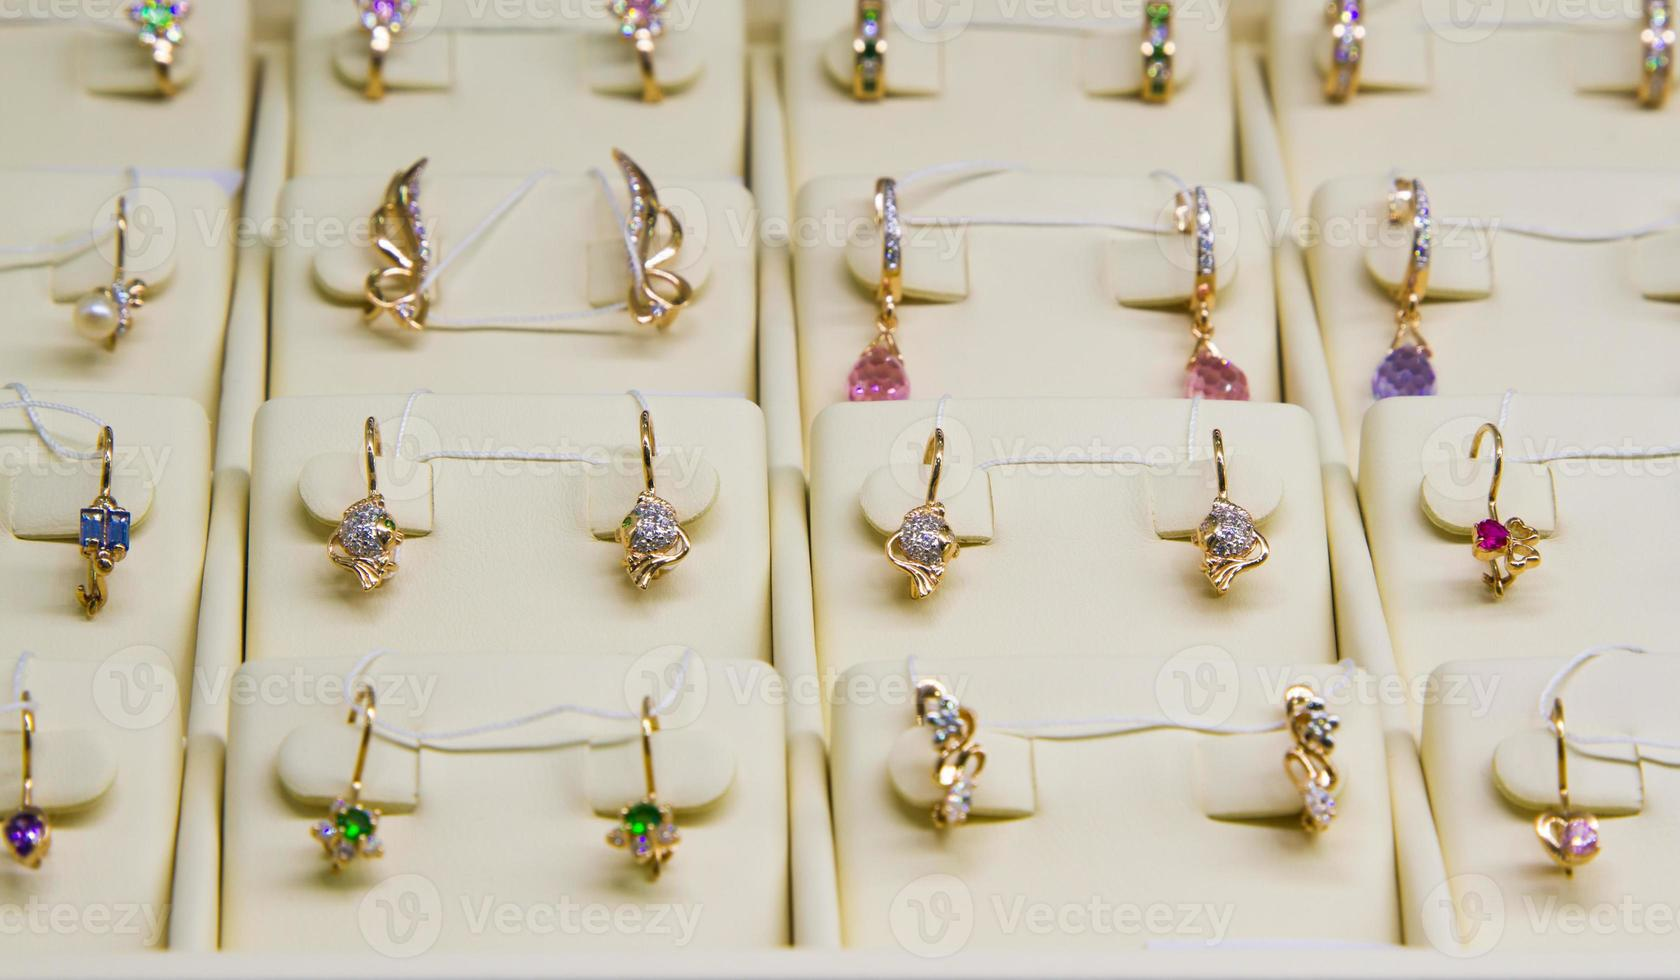 boucles d'oreilles dorées photo